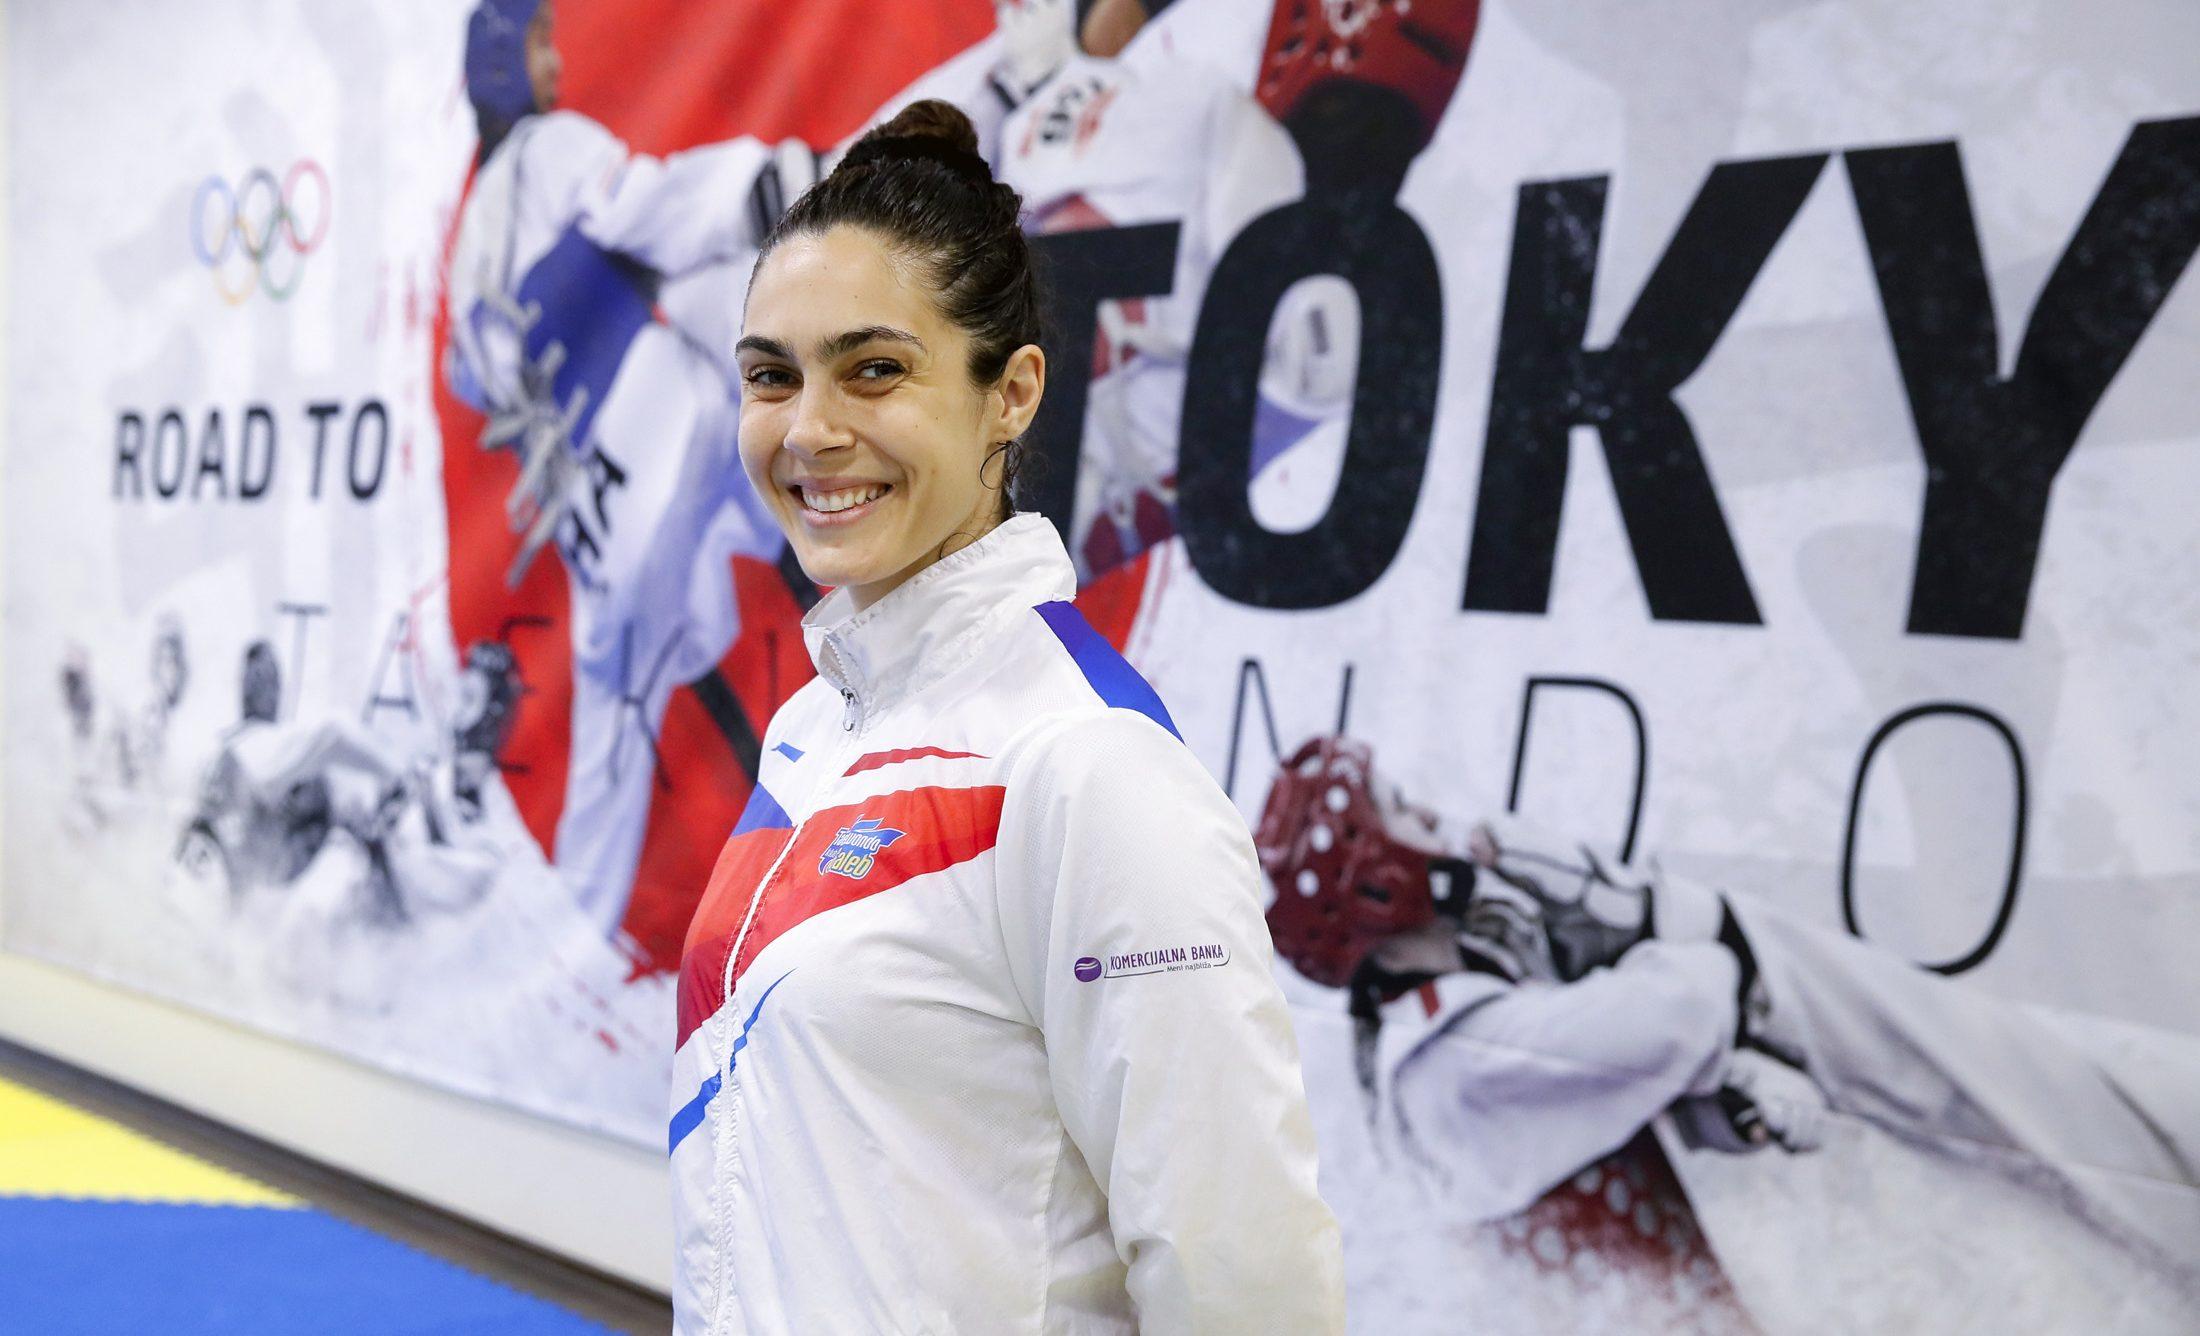 Milica Mandić: O medalji u Tokiju, planovima posle Igara, o suzama i malim radostima koje je ispunjavaju